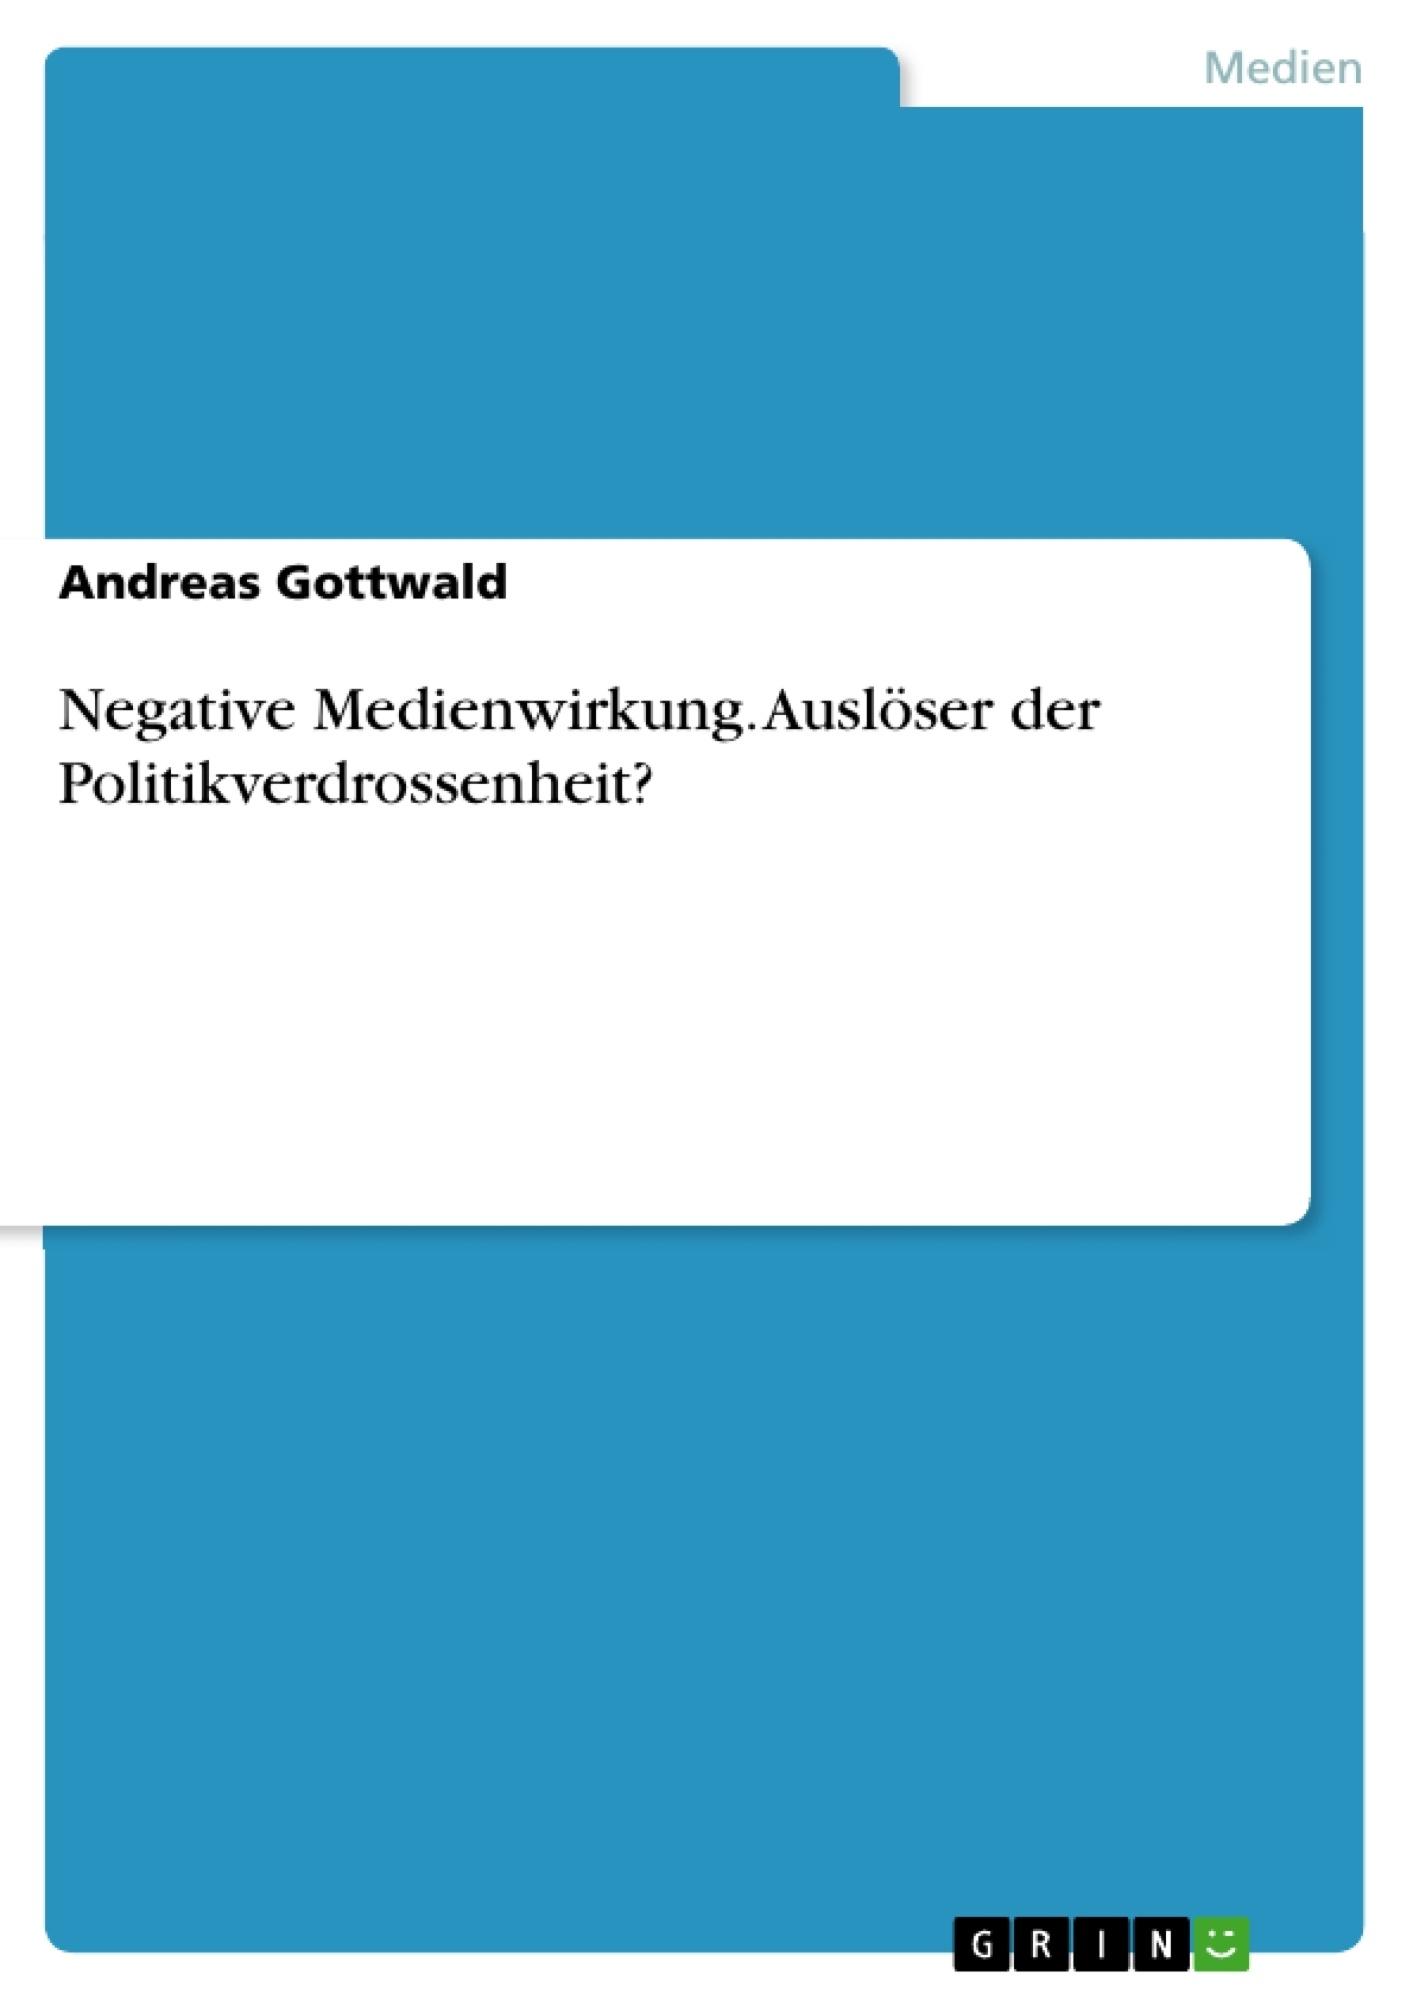 Titel: Negative Medienwirkung. Auslöser der Politikverdrossenheit?